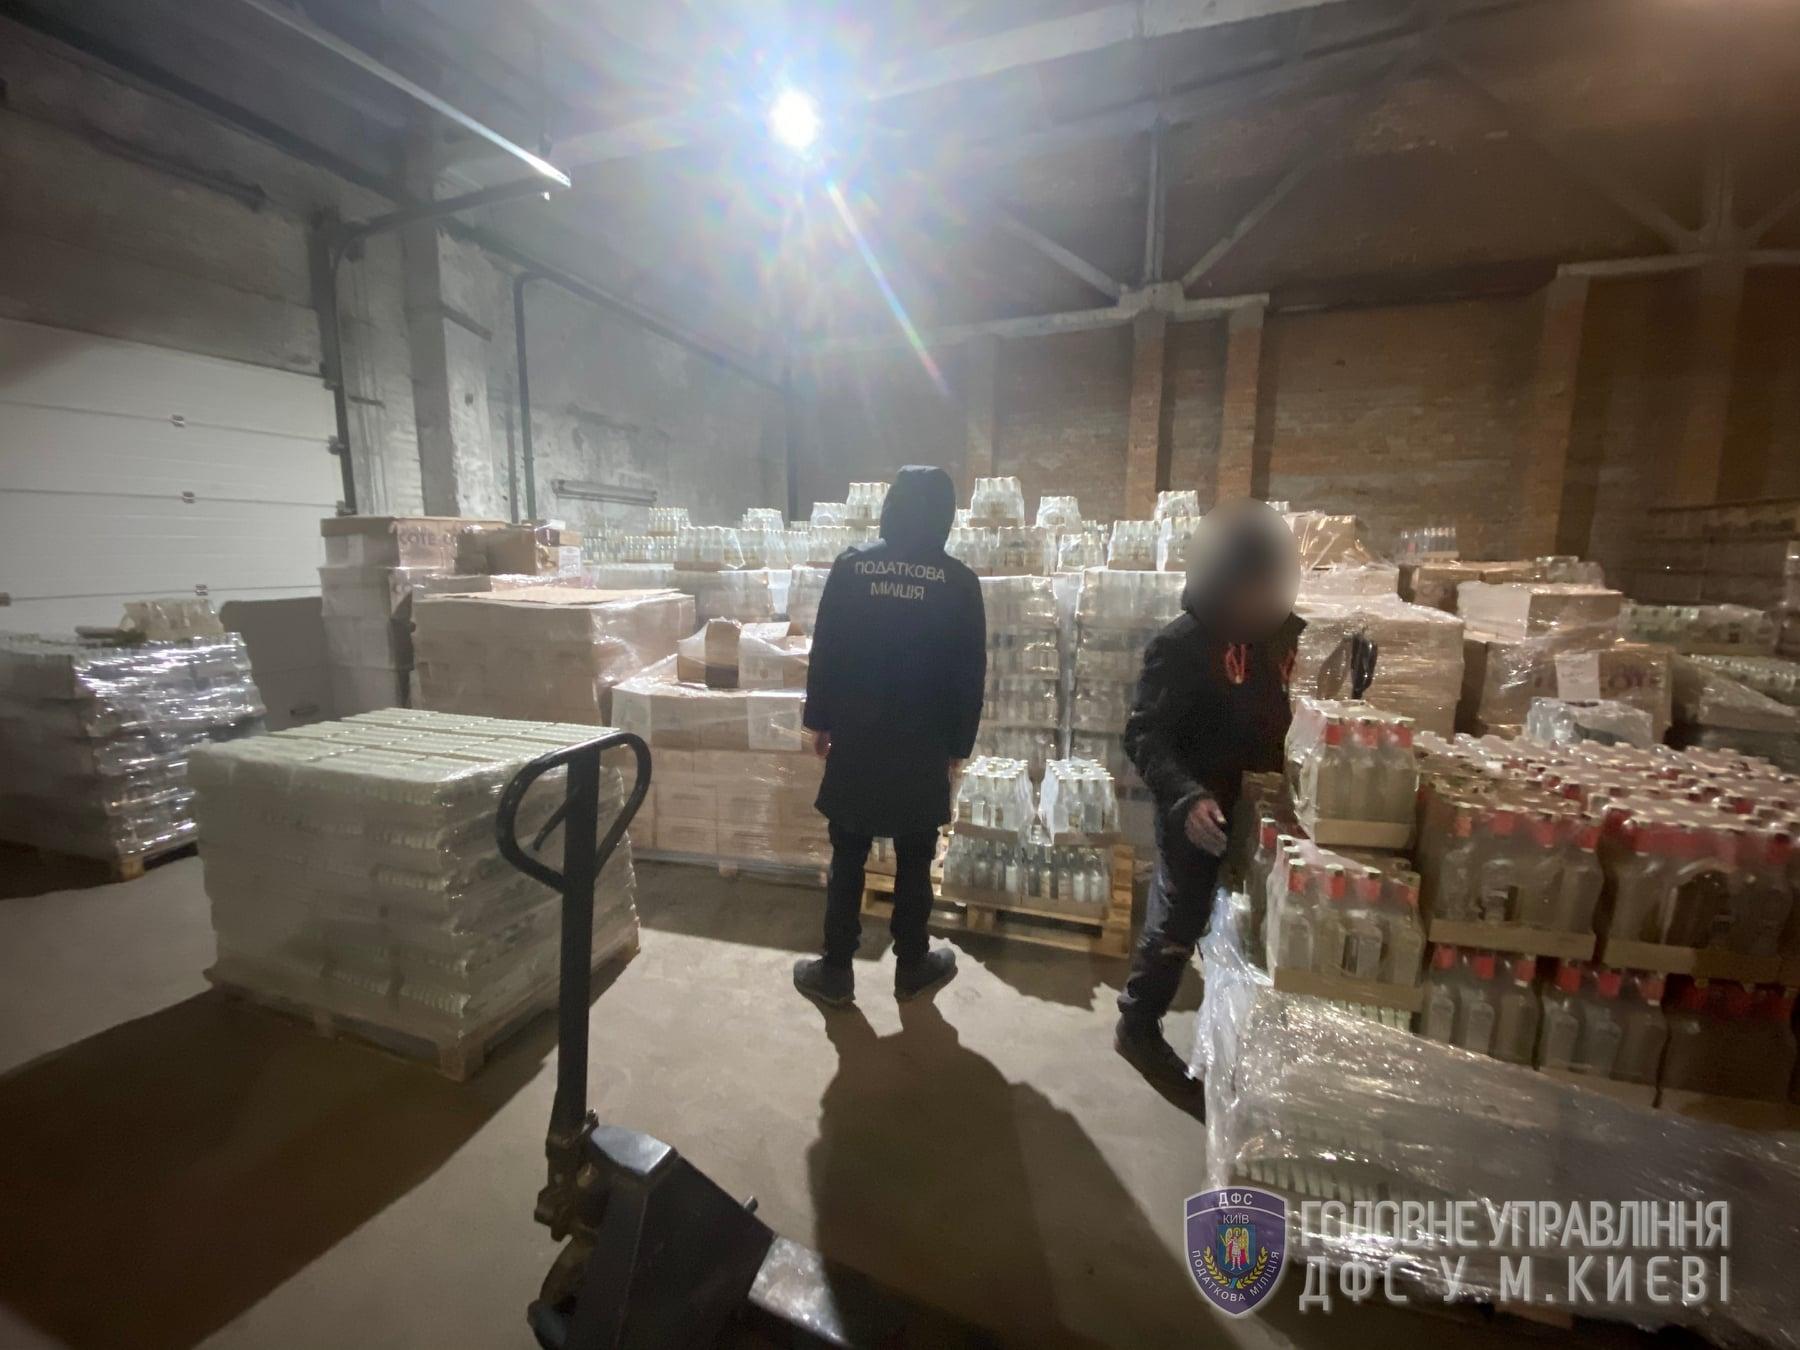 У Києві вилучили фальсифікований алкоголь на суму 2 млн грн